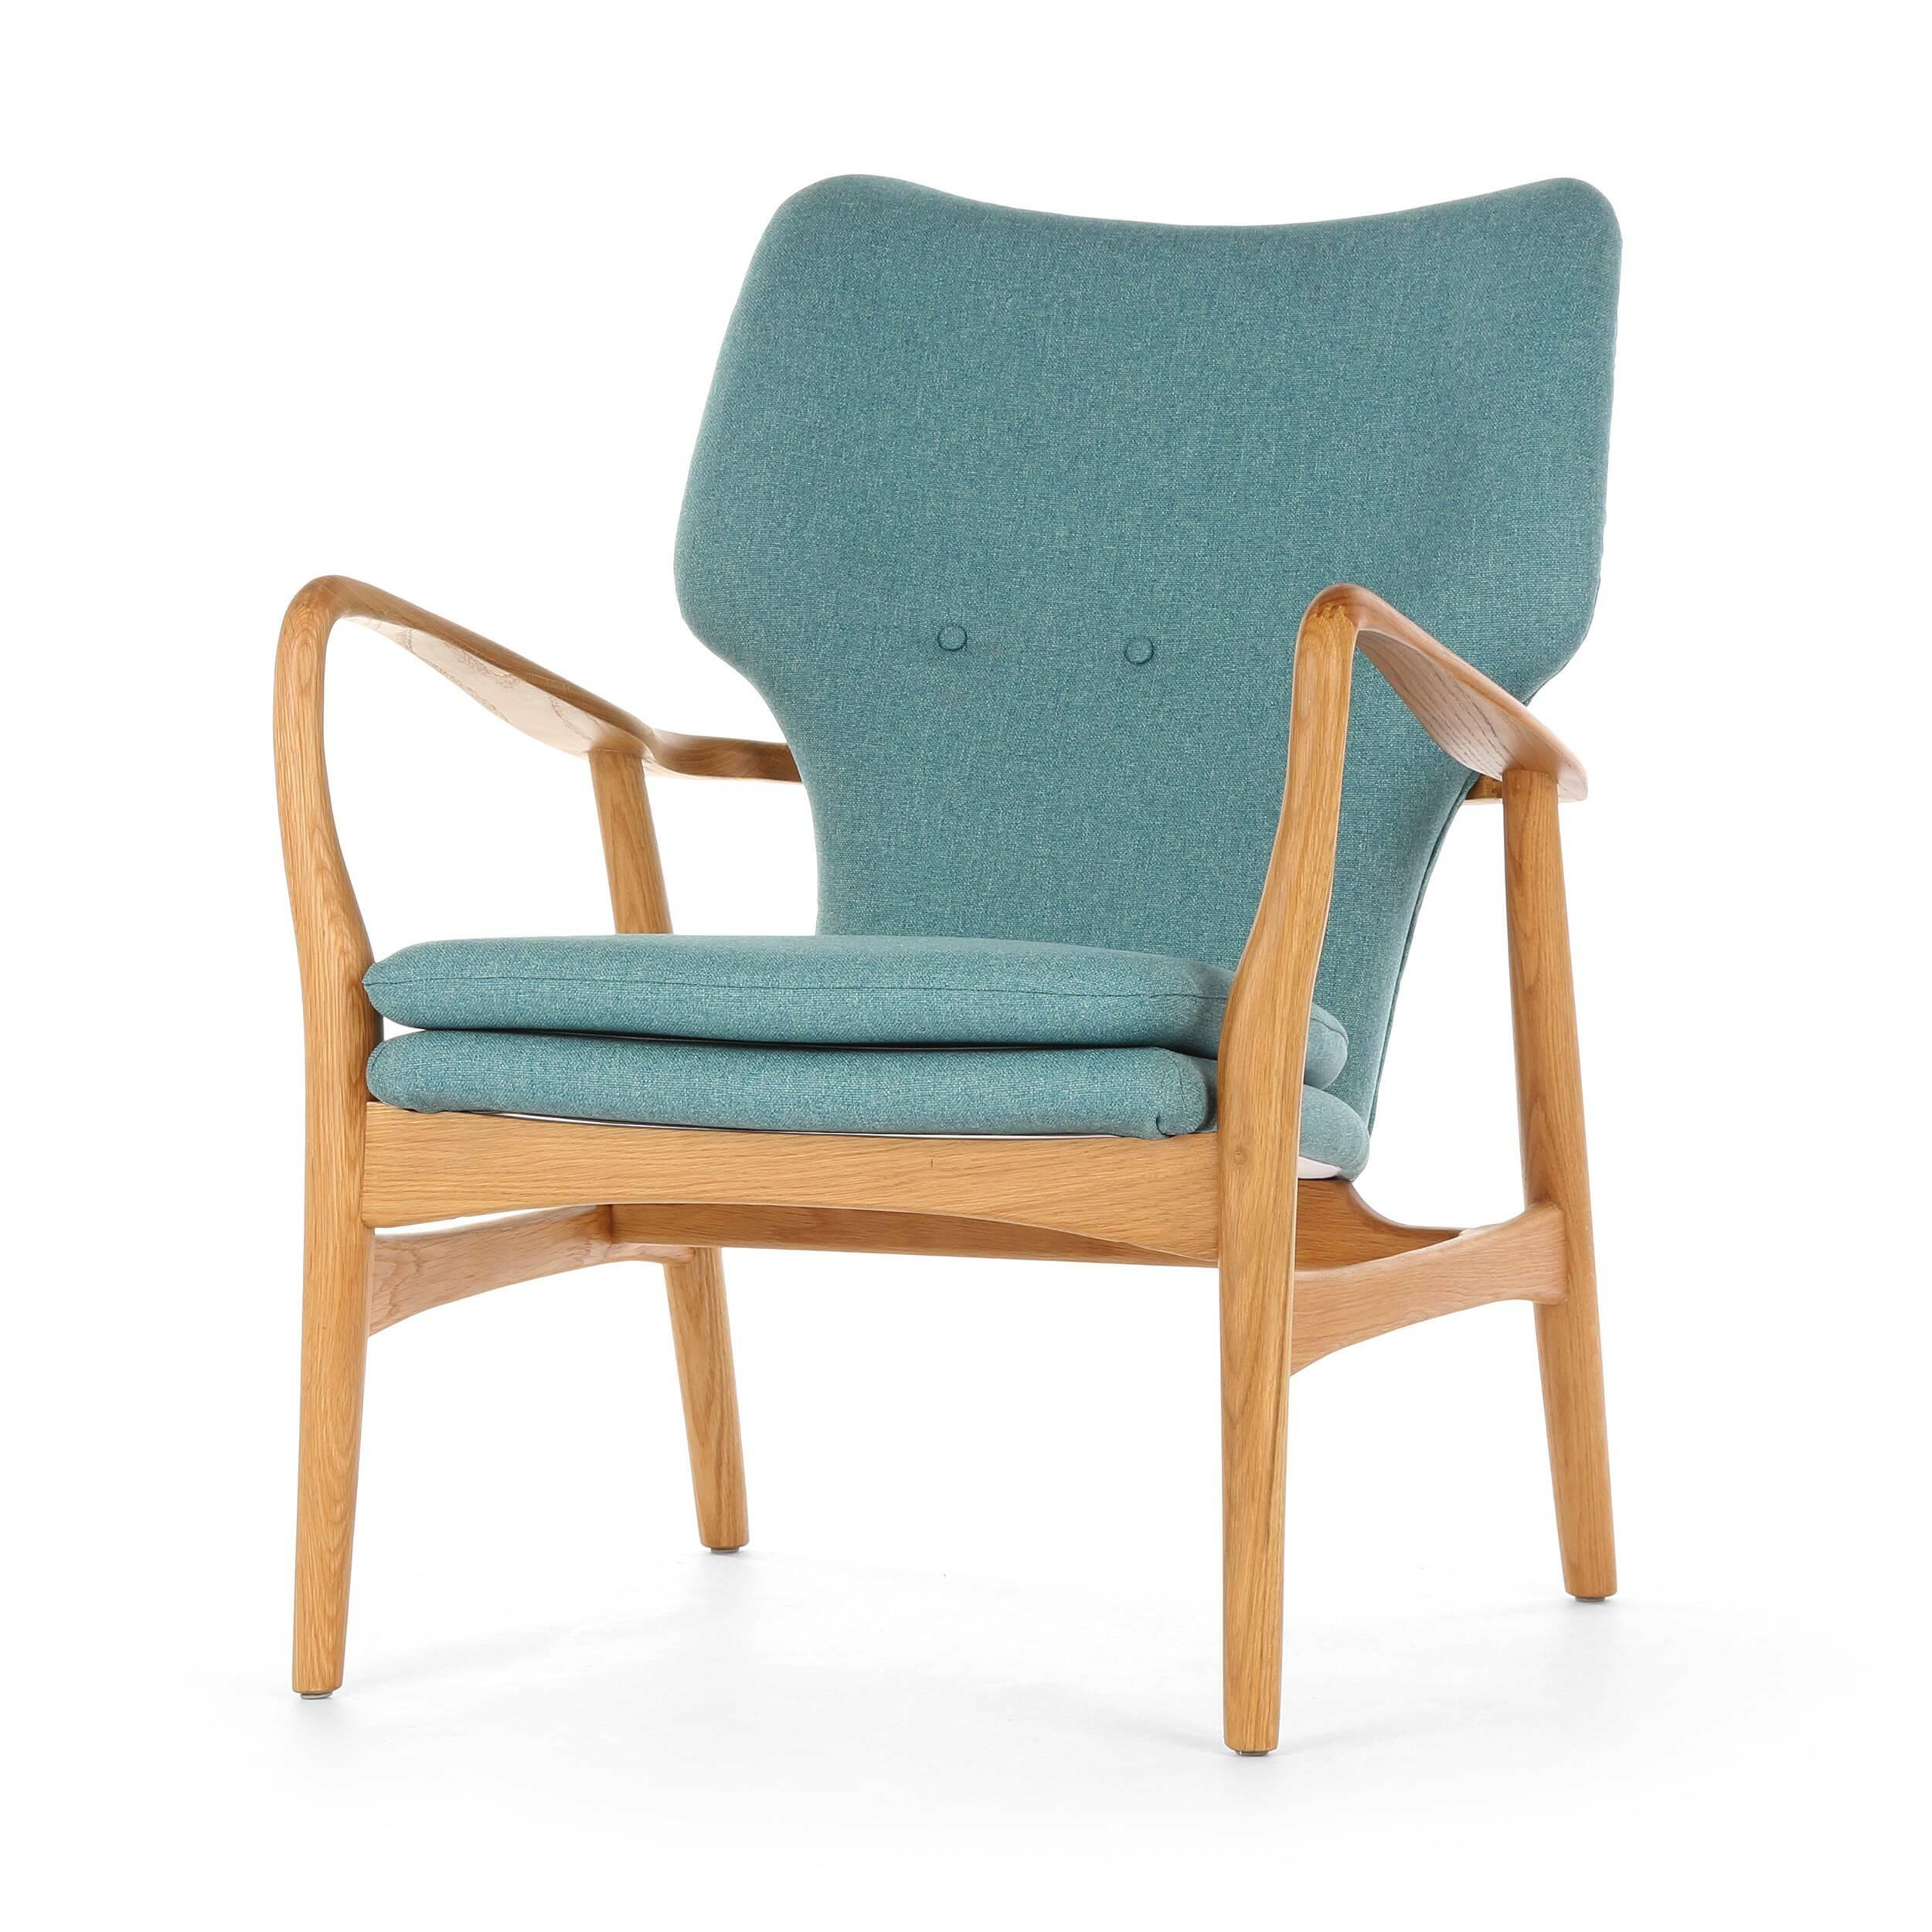 Кресло SimonИнтерьерные<br>Дизайнерское глубокое кресло Simon (Саймон) с каркасом из дерева от Cosmo (Космо).<br><br>Кресло Simon<br>— результат работы скандинавских проектировщиков, подаренный современному придирчивому потребителю, ценящему высокий уровень. Стиль этого невероятно практичного кресла — отпечаток многовековой истории в области дизайна и интерьера. Изящные линии подлокотников, сглаженные углы сиденья и ножек кресла — словно пища для глаз! Несомненно, с этим высказыванием согласятся все приверженцы натуральных...<br><br>stock: 0<br>Высота: 85,5<br>Высота сиденья: 44<br>Ширина: 68,5<br>Глубина: 76<br>Материал каркаса: Массив дуба<br>Материал обивки: Полиэстер<br>Тип материала каркаса: Дерево<br>Коллекция ткани: Gabriel Fabric<br>Тип материала обивки: Ткань<br>Цвет обивки: Голубой<br>Цвет каркаса: Дуб